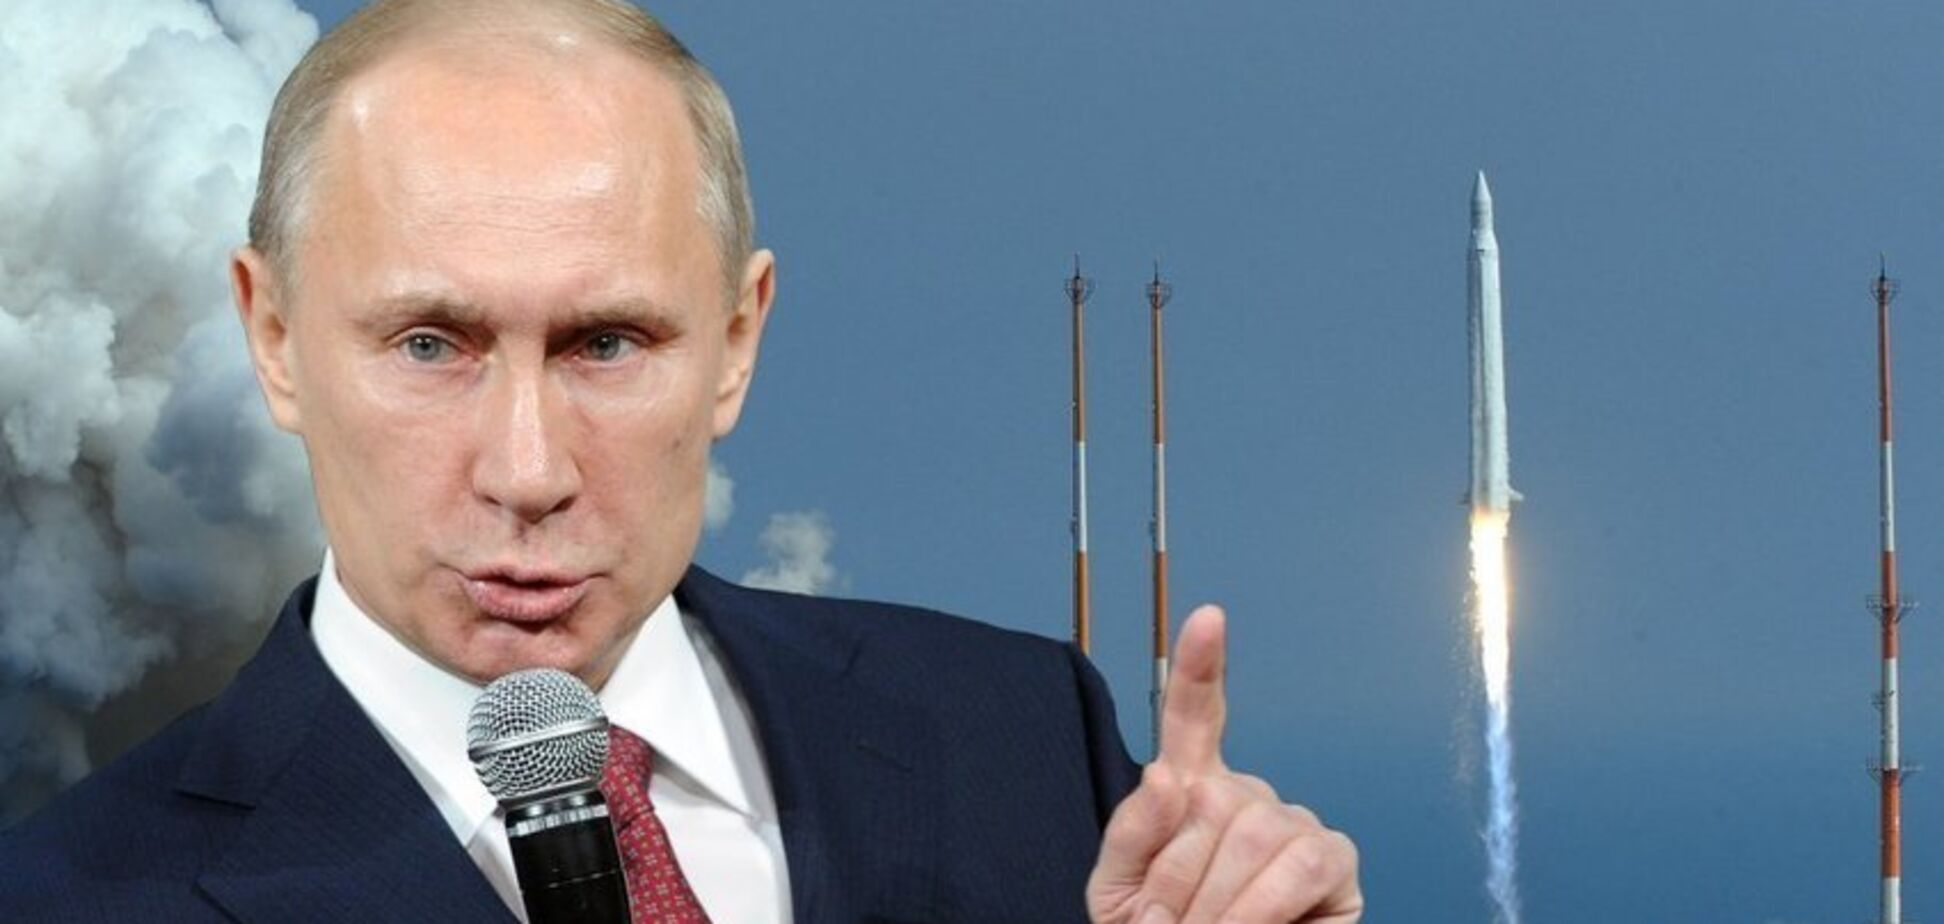 Мультяшні війська: Путіна запідозрили в створенні фейку